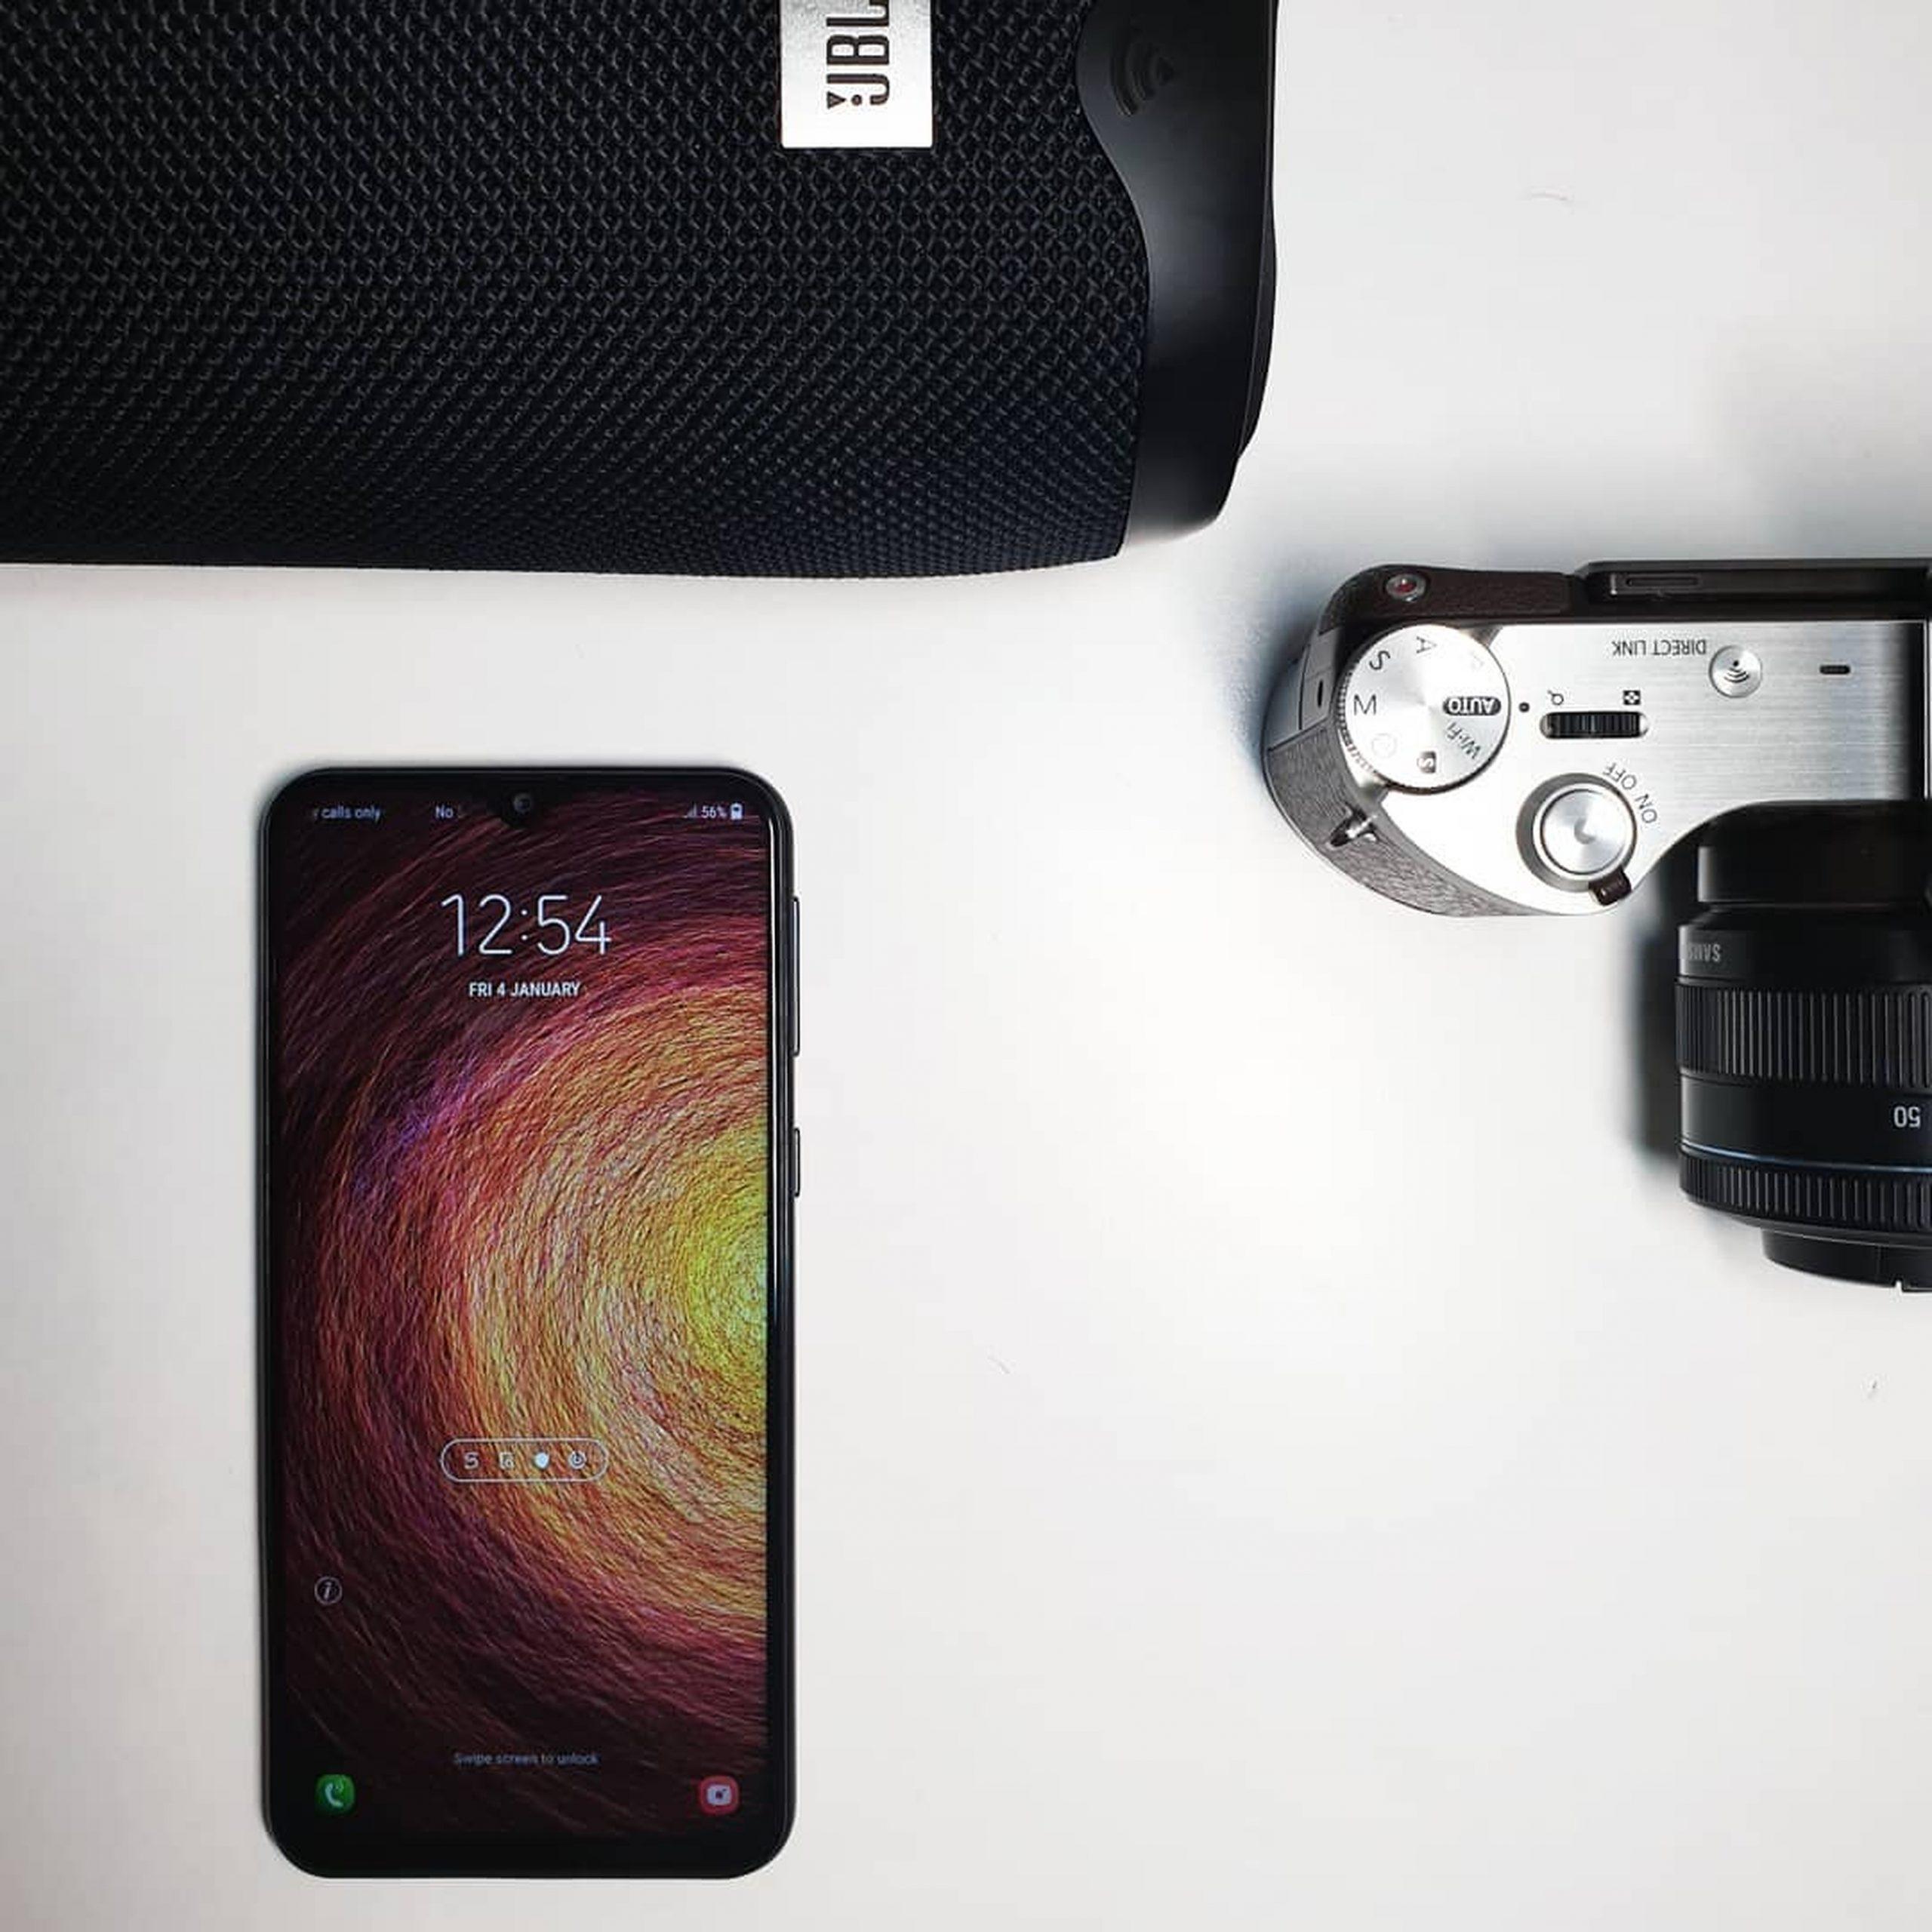 mobile, camera, speaker